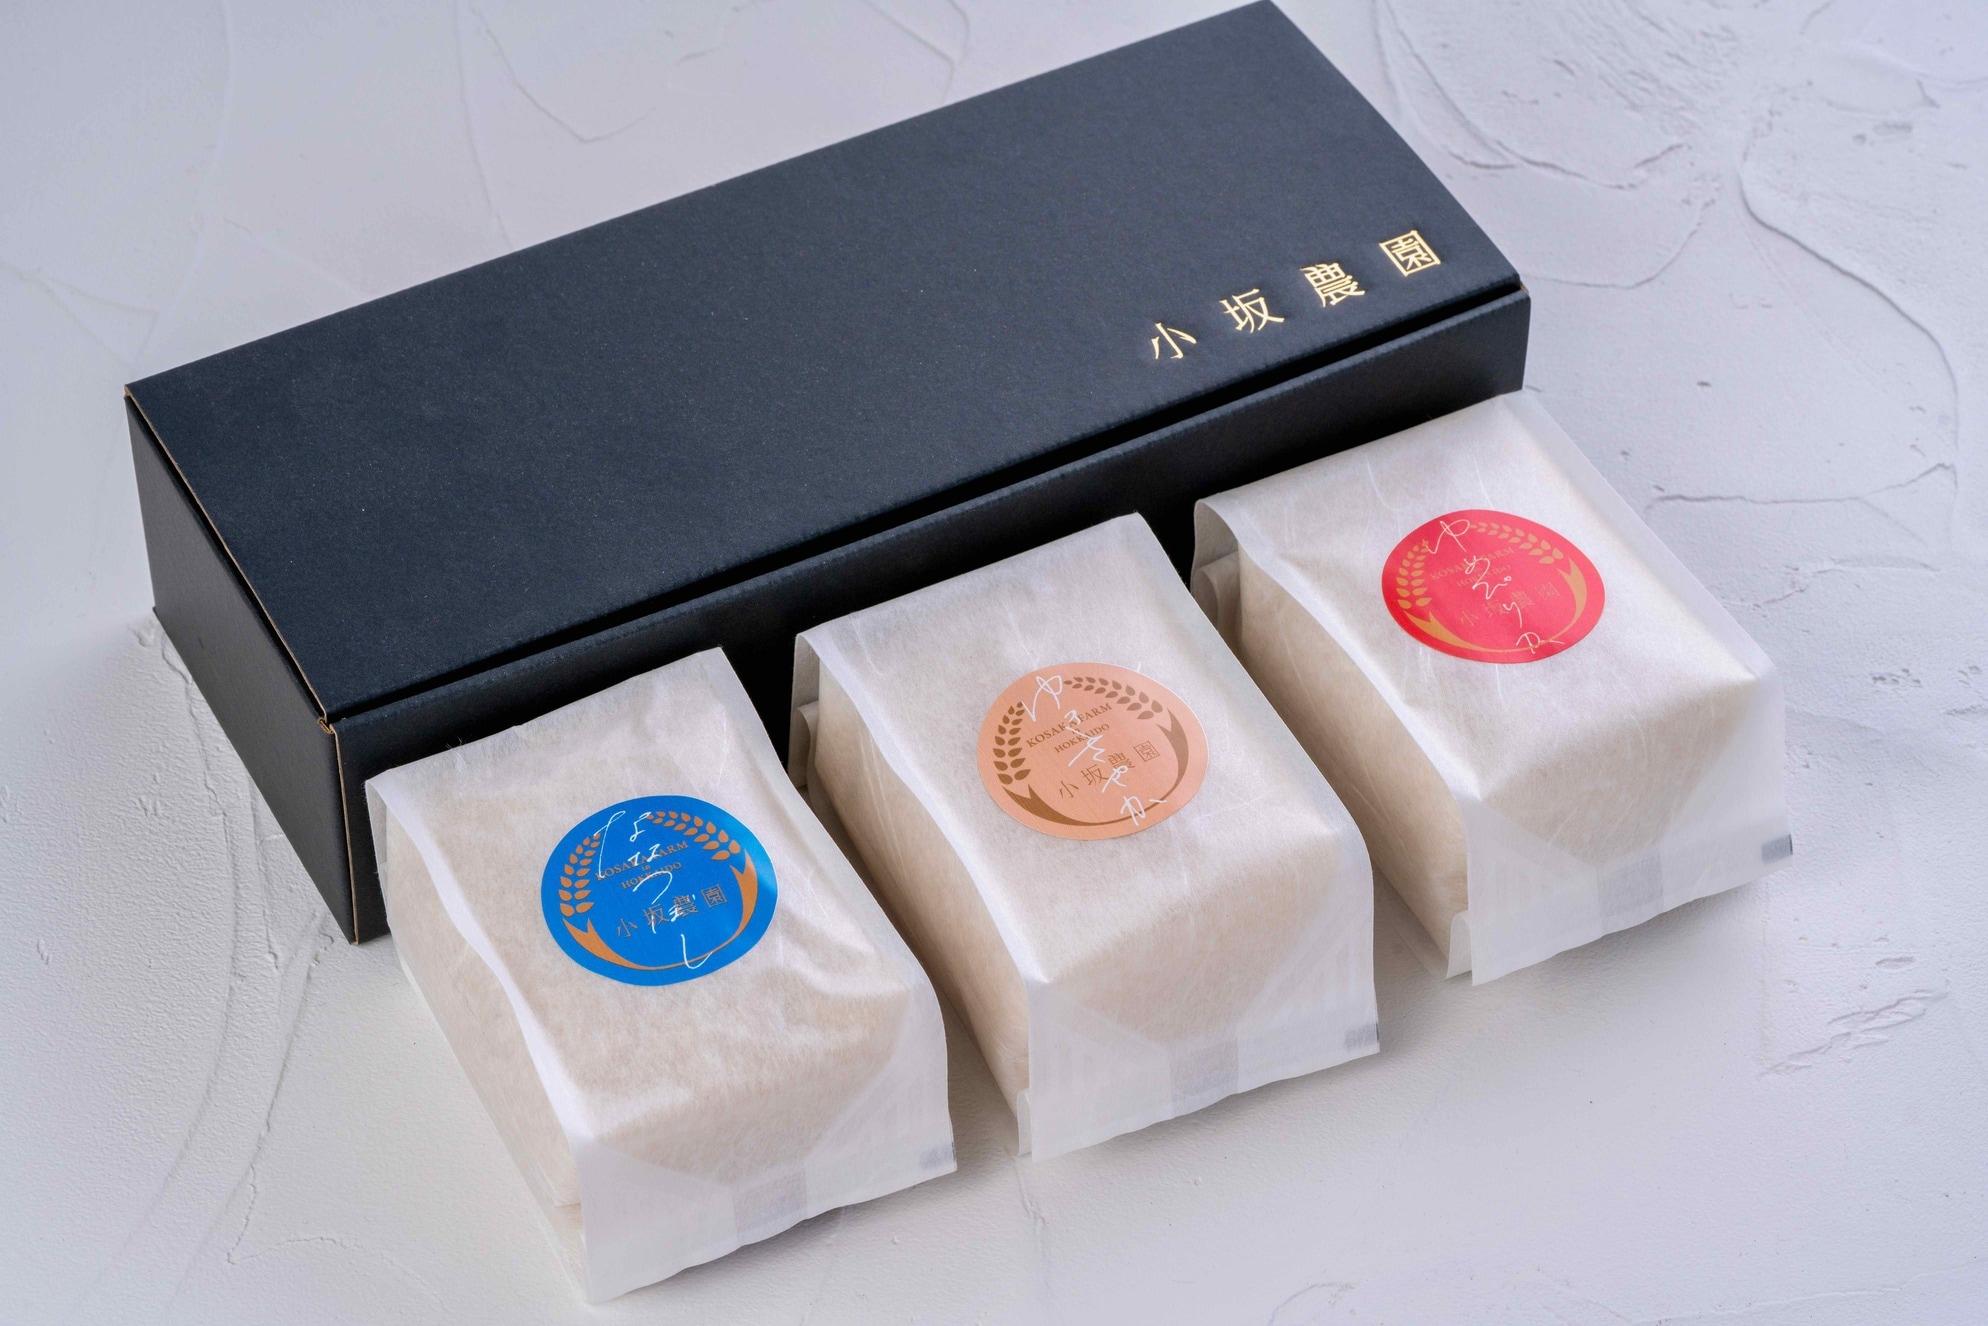 北海道むかわ町小坂農園のお米3種類食べ比べお試しセット,ななつぼし・ゆきさやか・ゆめぴりか